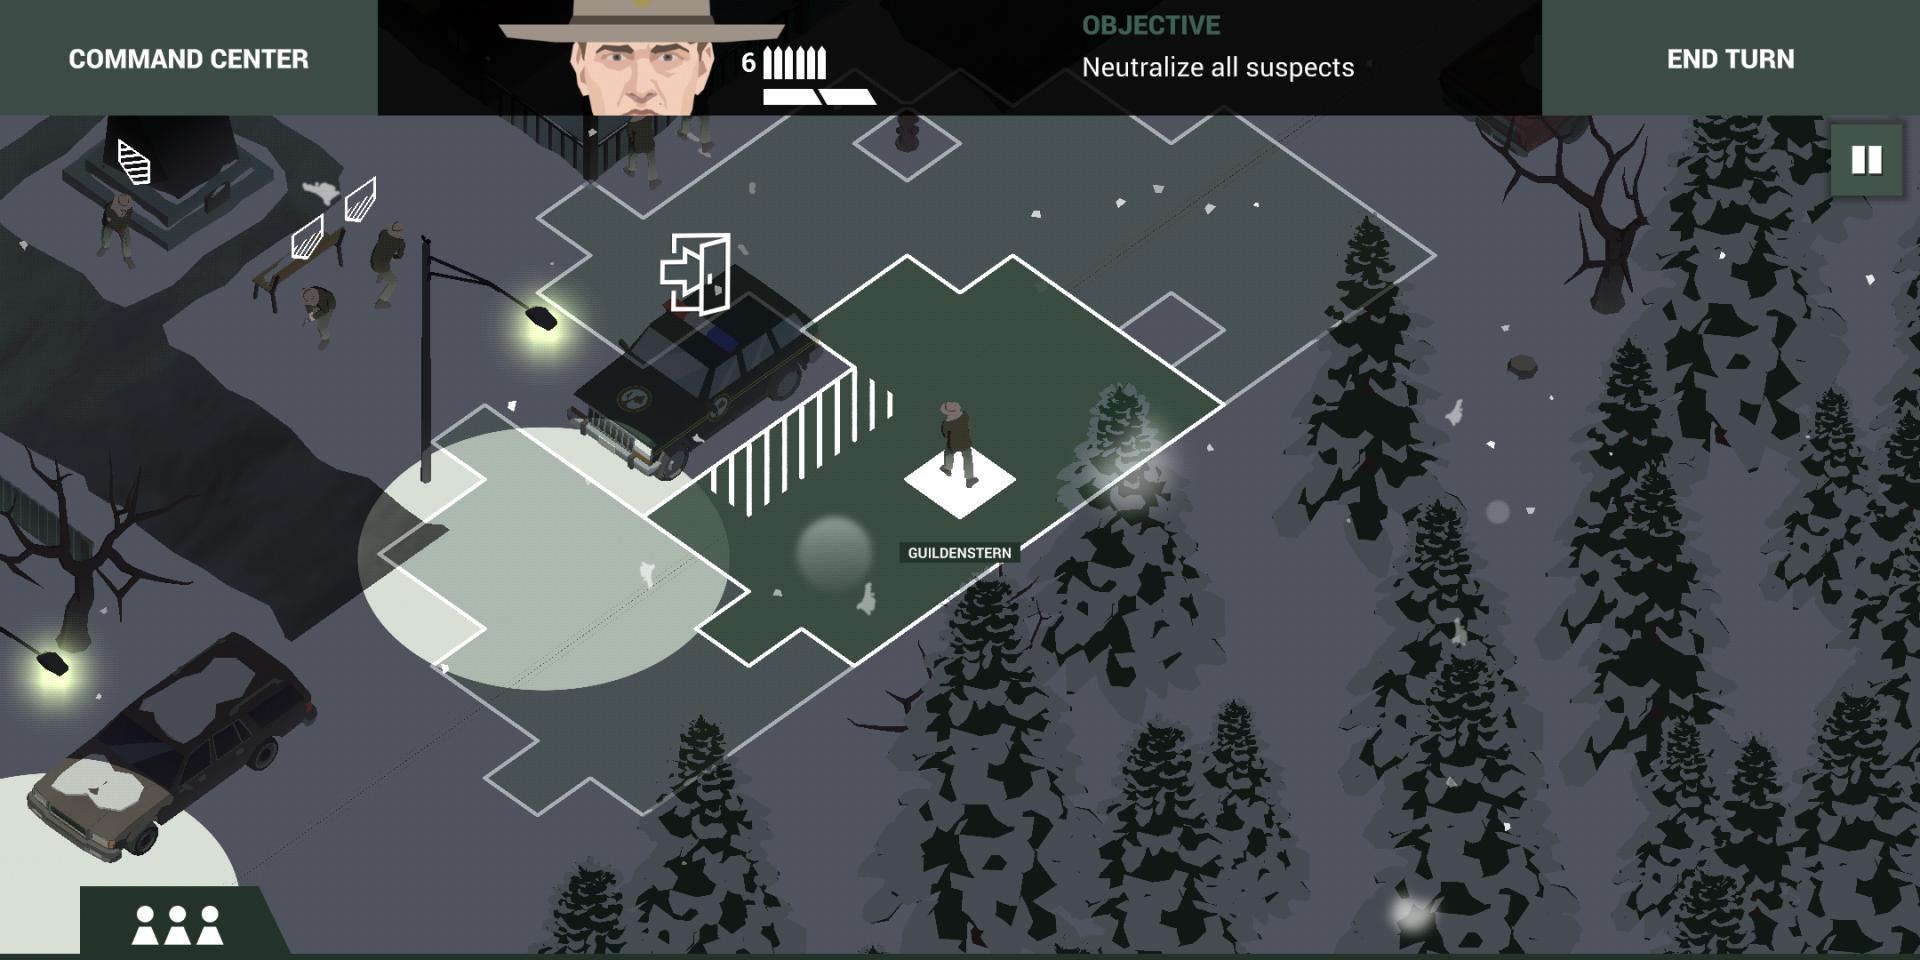 Обзор мобильной версии This isthe police 2